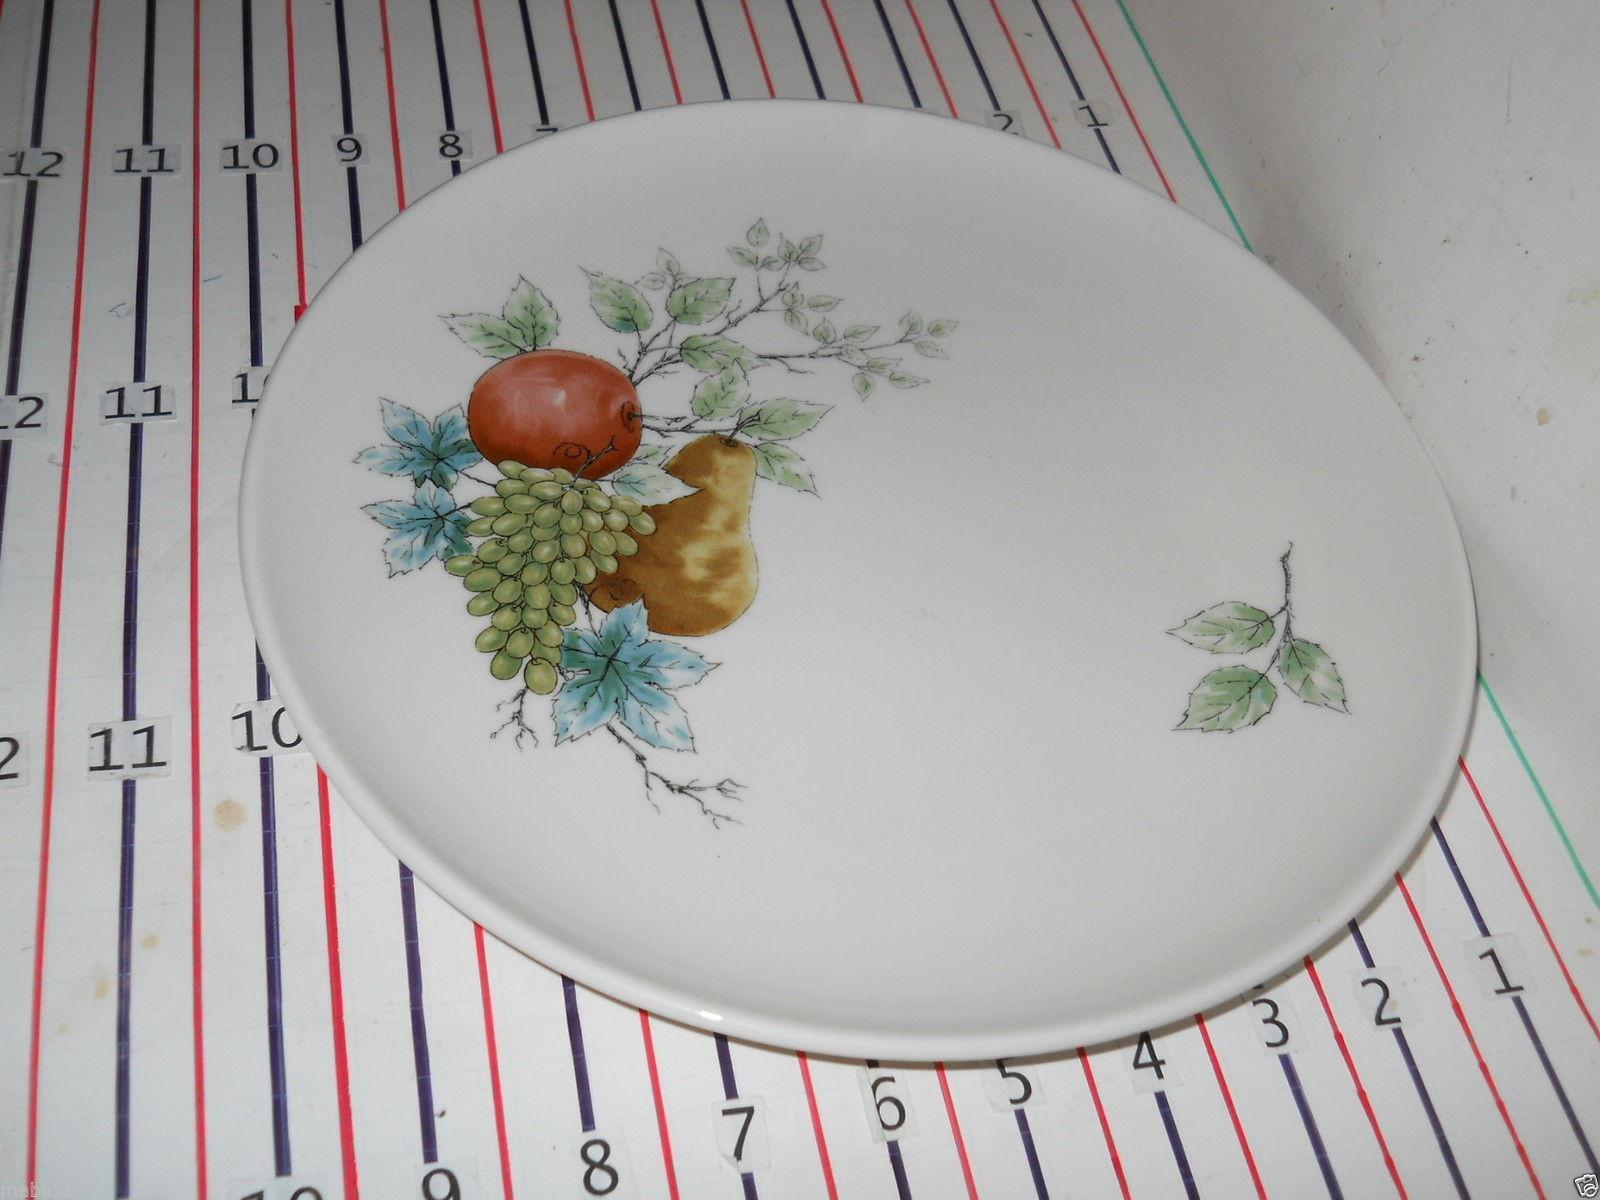 SYRACUSE WAYSIDE DINNER PLATE - $6.88